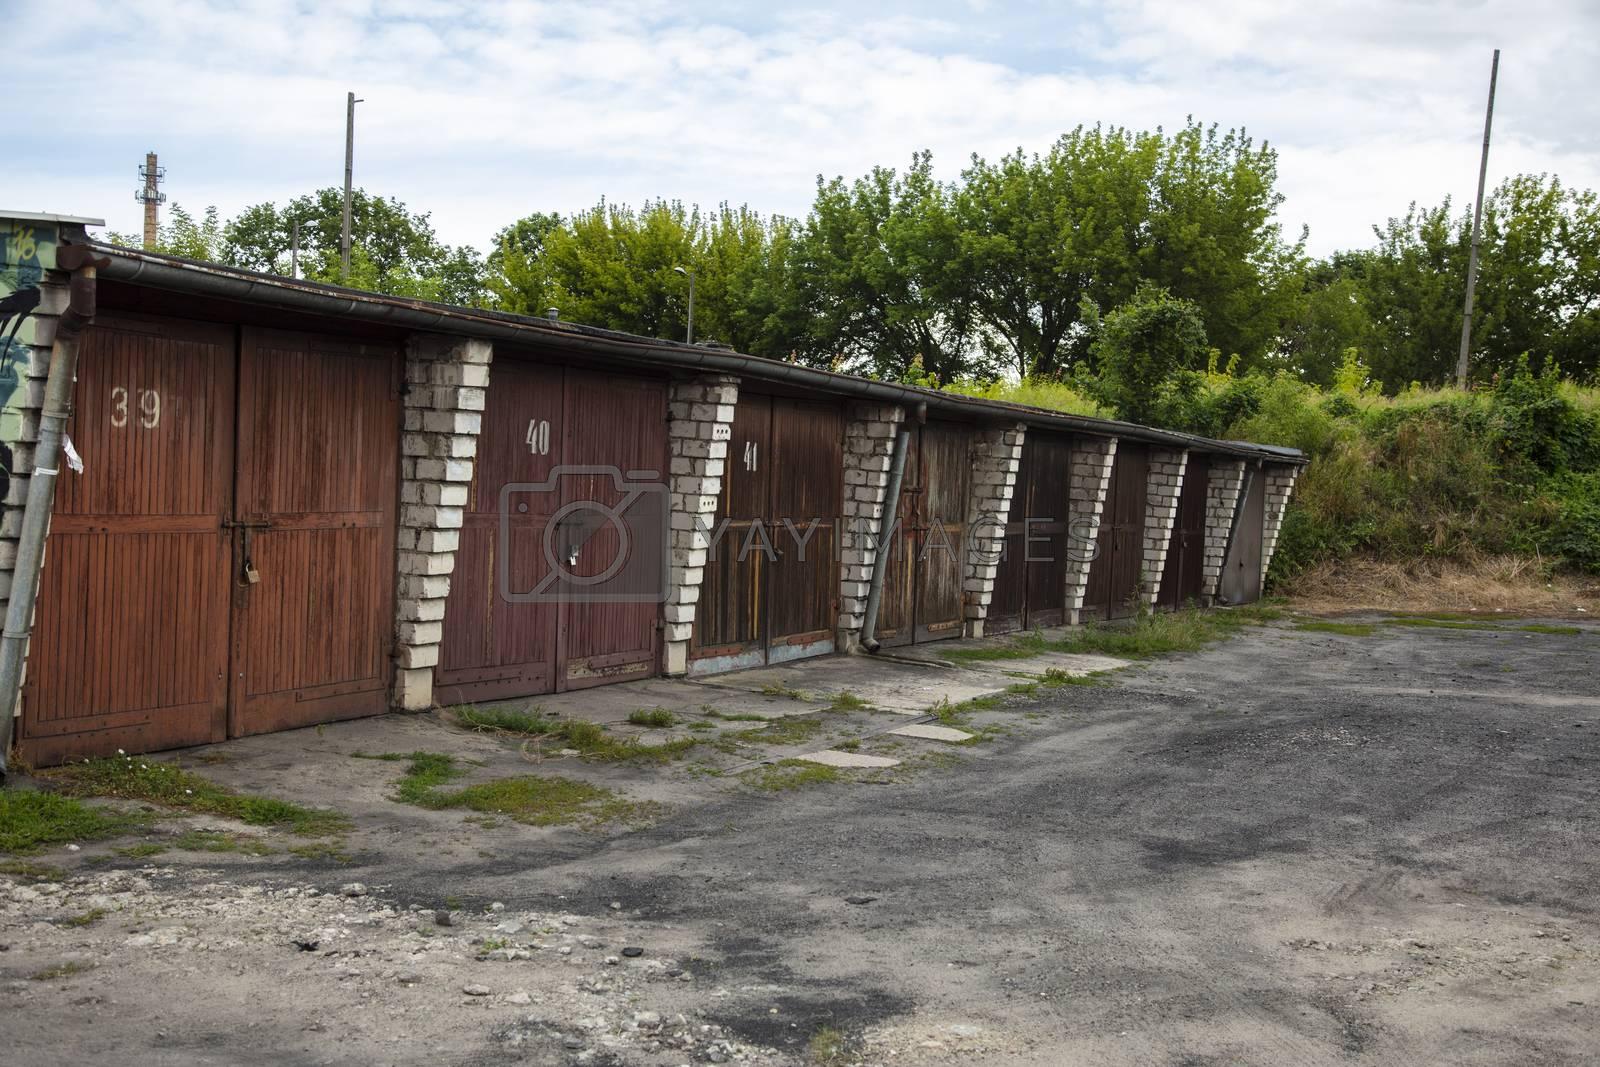 garage door, old style car room building